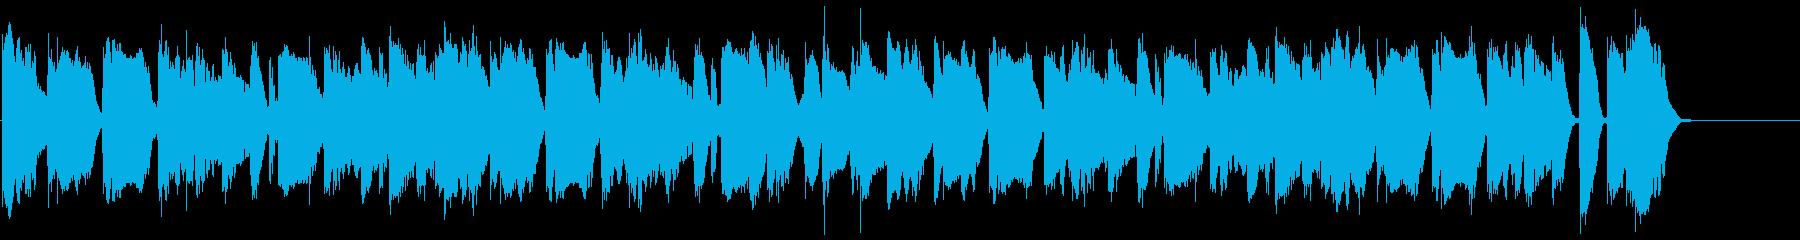 ネットCM 30秒 フルートA 日常の再生済みの波形